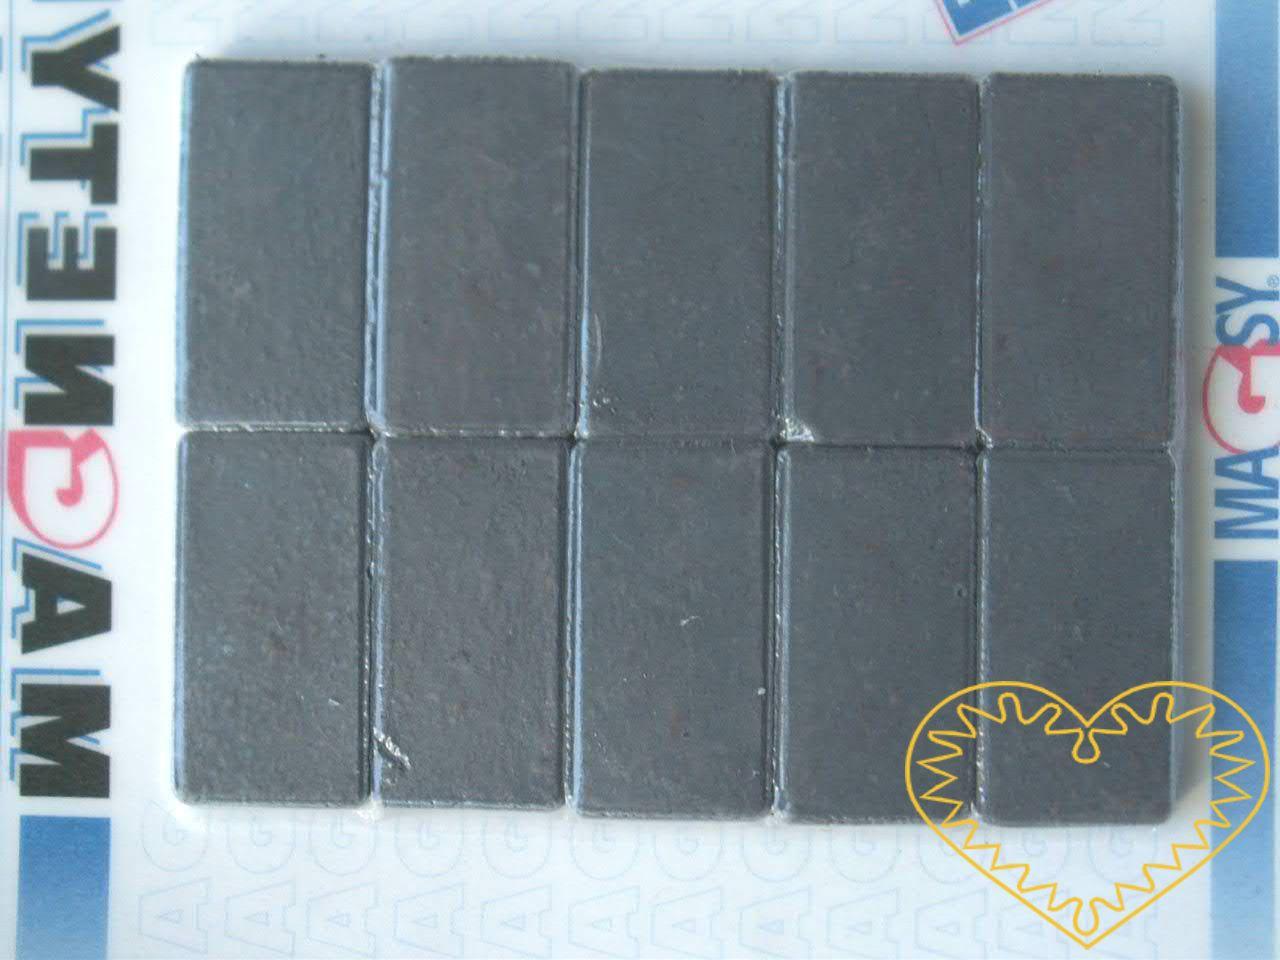 Sada 10 kusů obdélných magnetů 15 x 28 mm. Vhodné na magnetickou tabuli, nástěnku, flipchart či doma na lednici. Lze je využít jako základ pro tvorbu vlastních originálních magnetů.